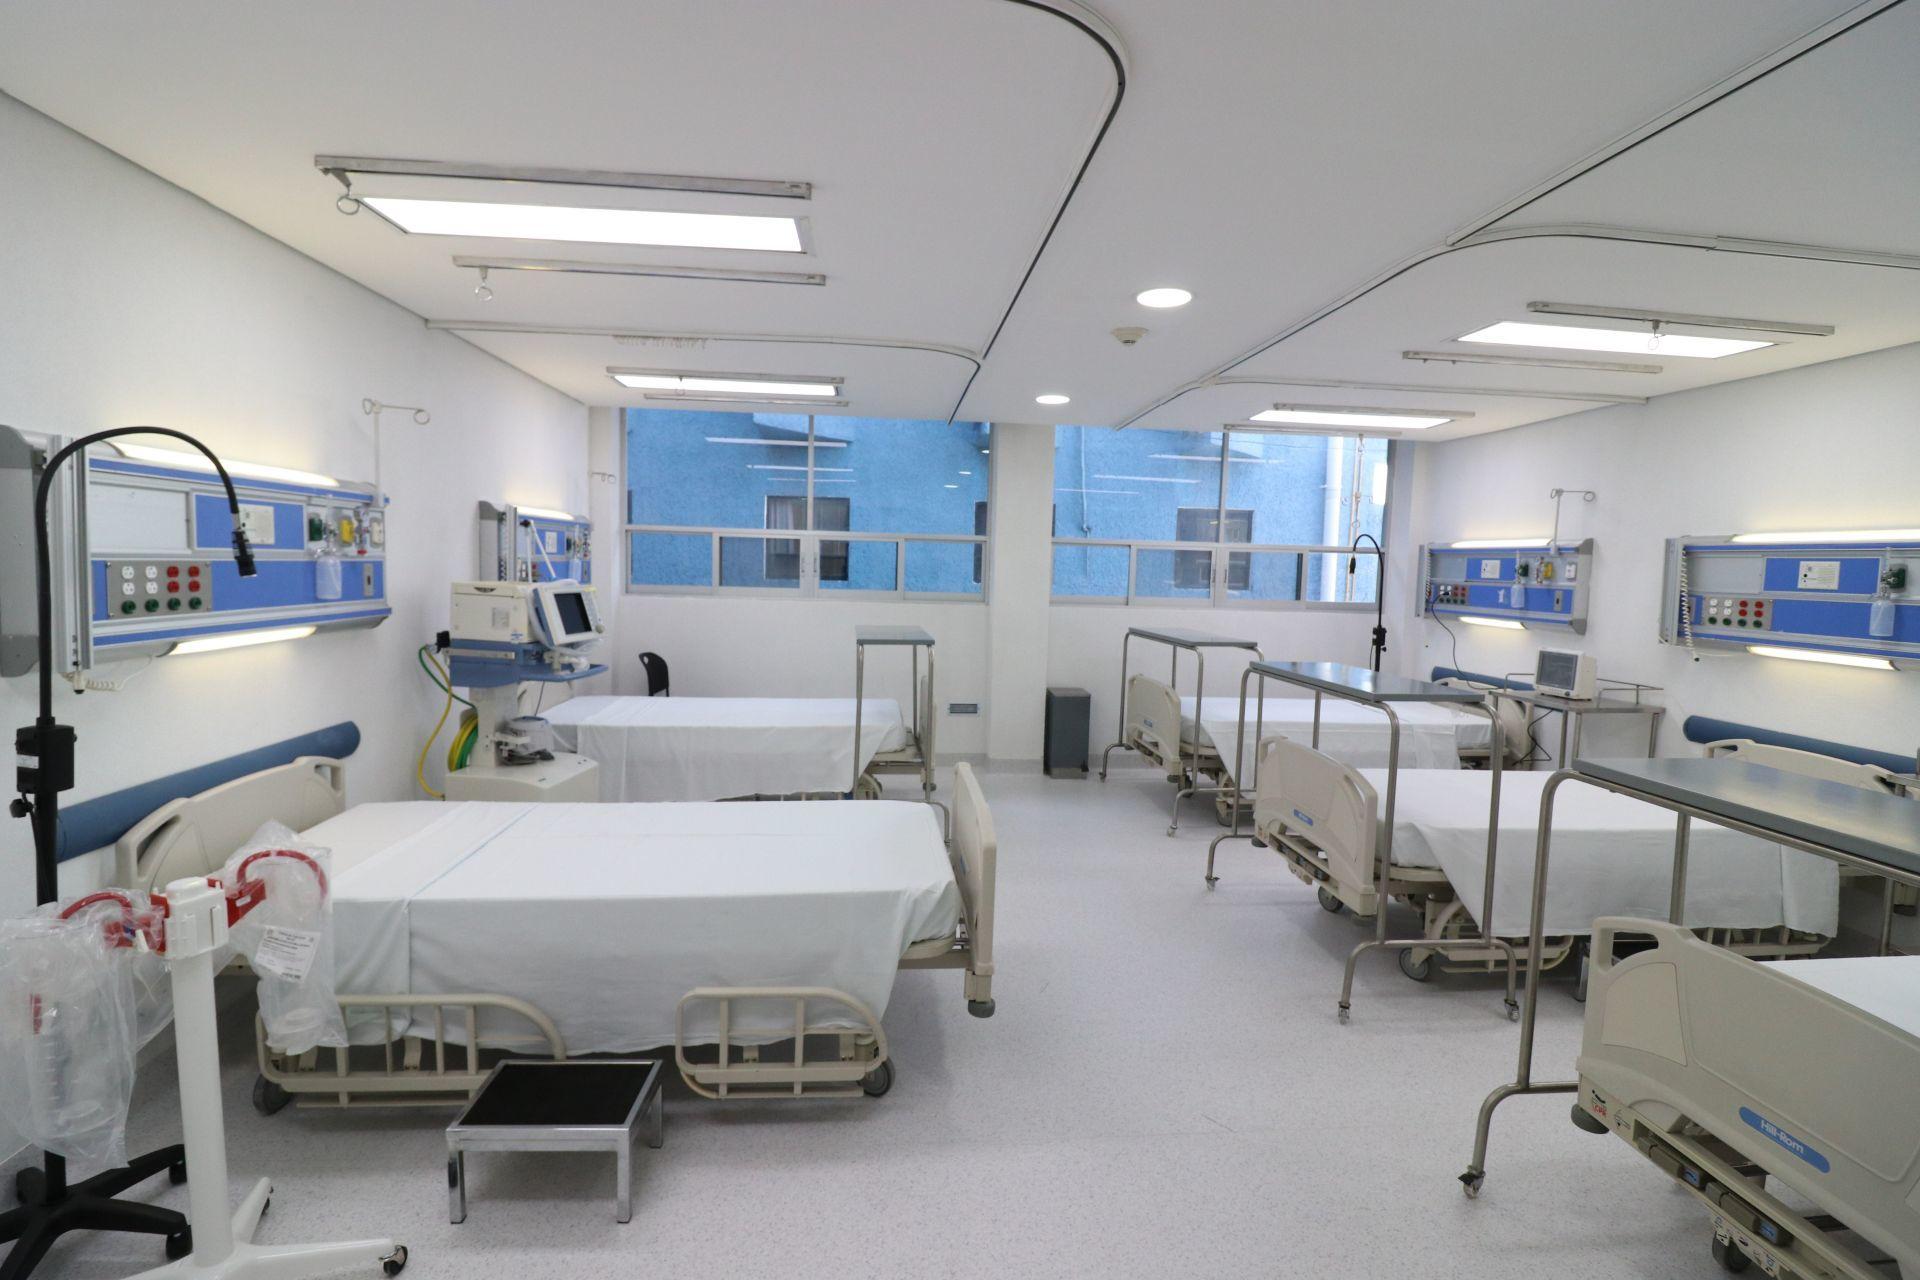 camas hospitales COVID